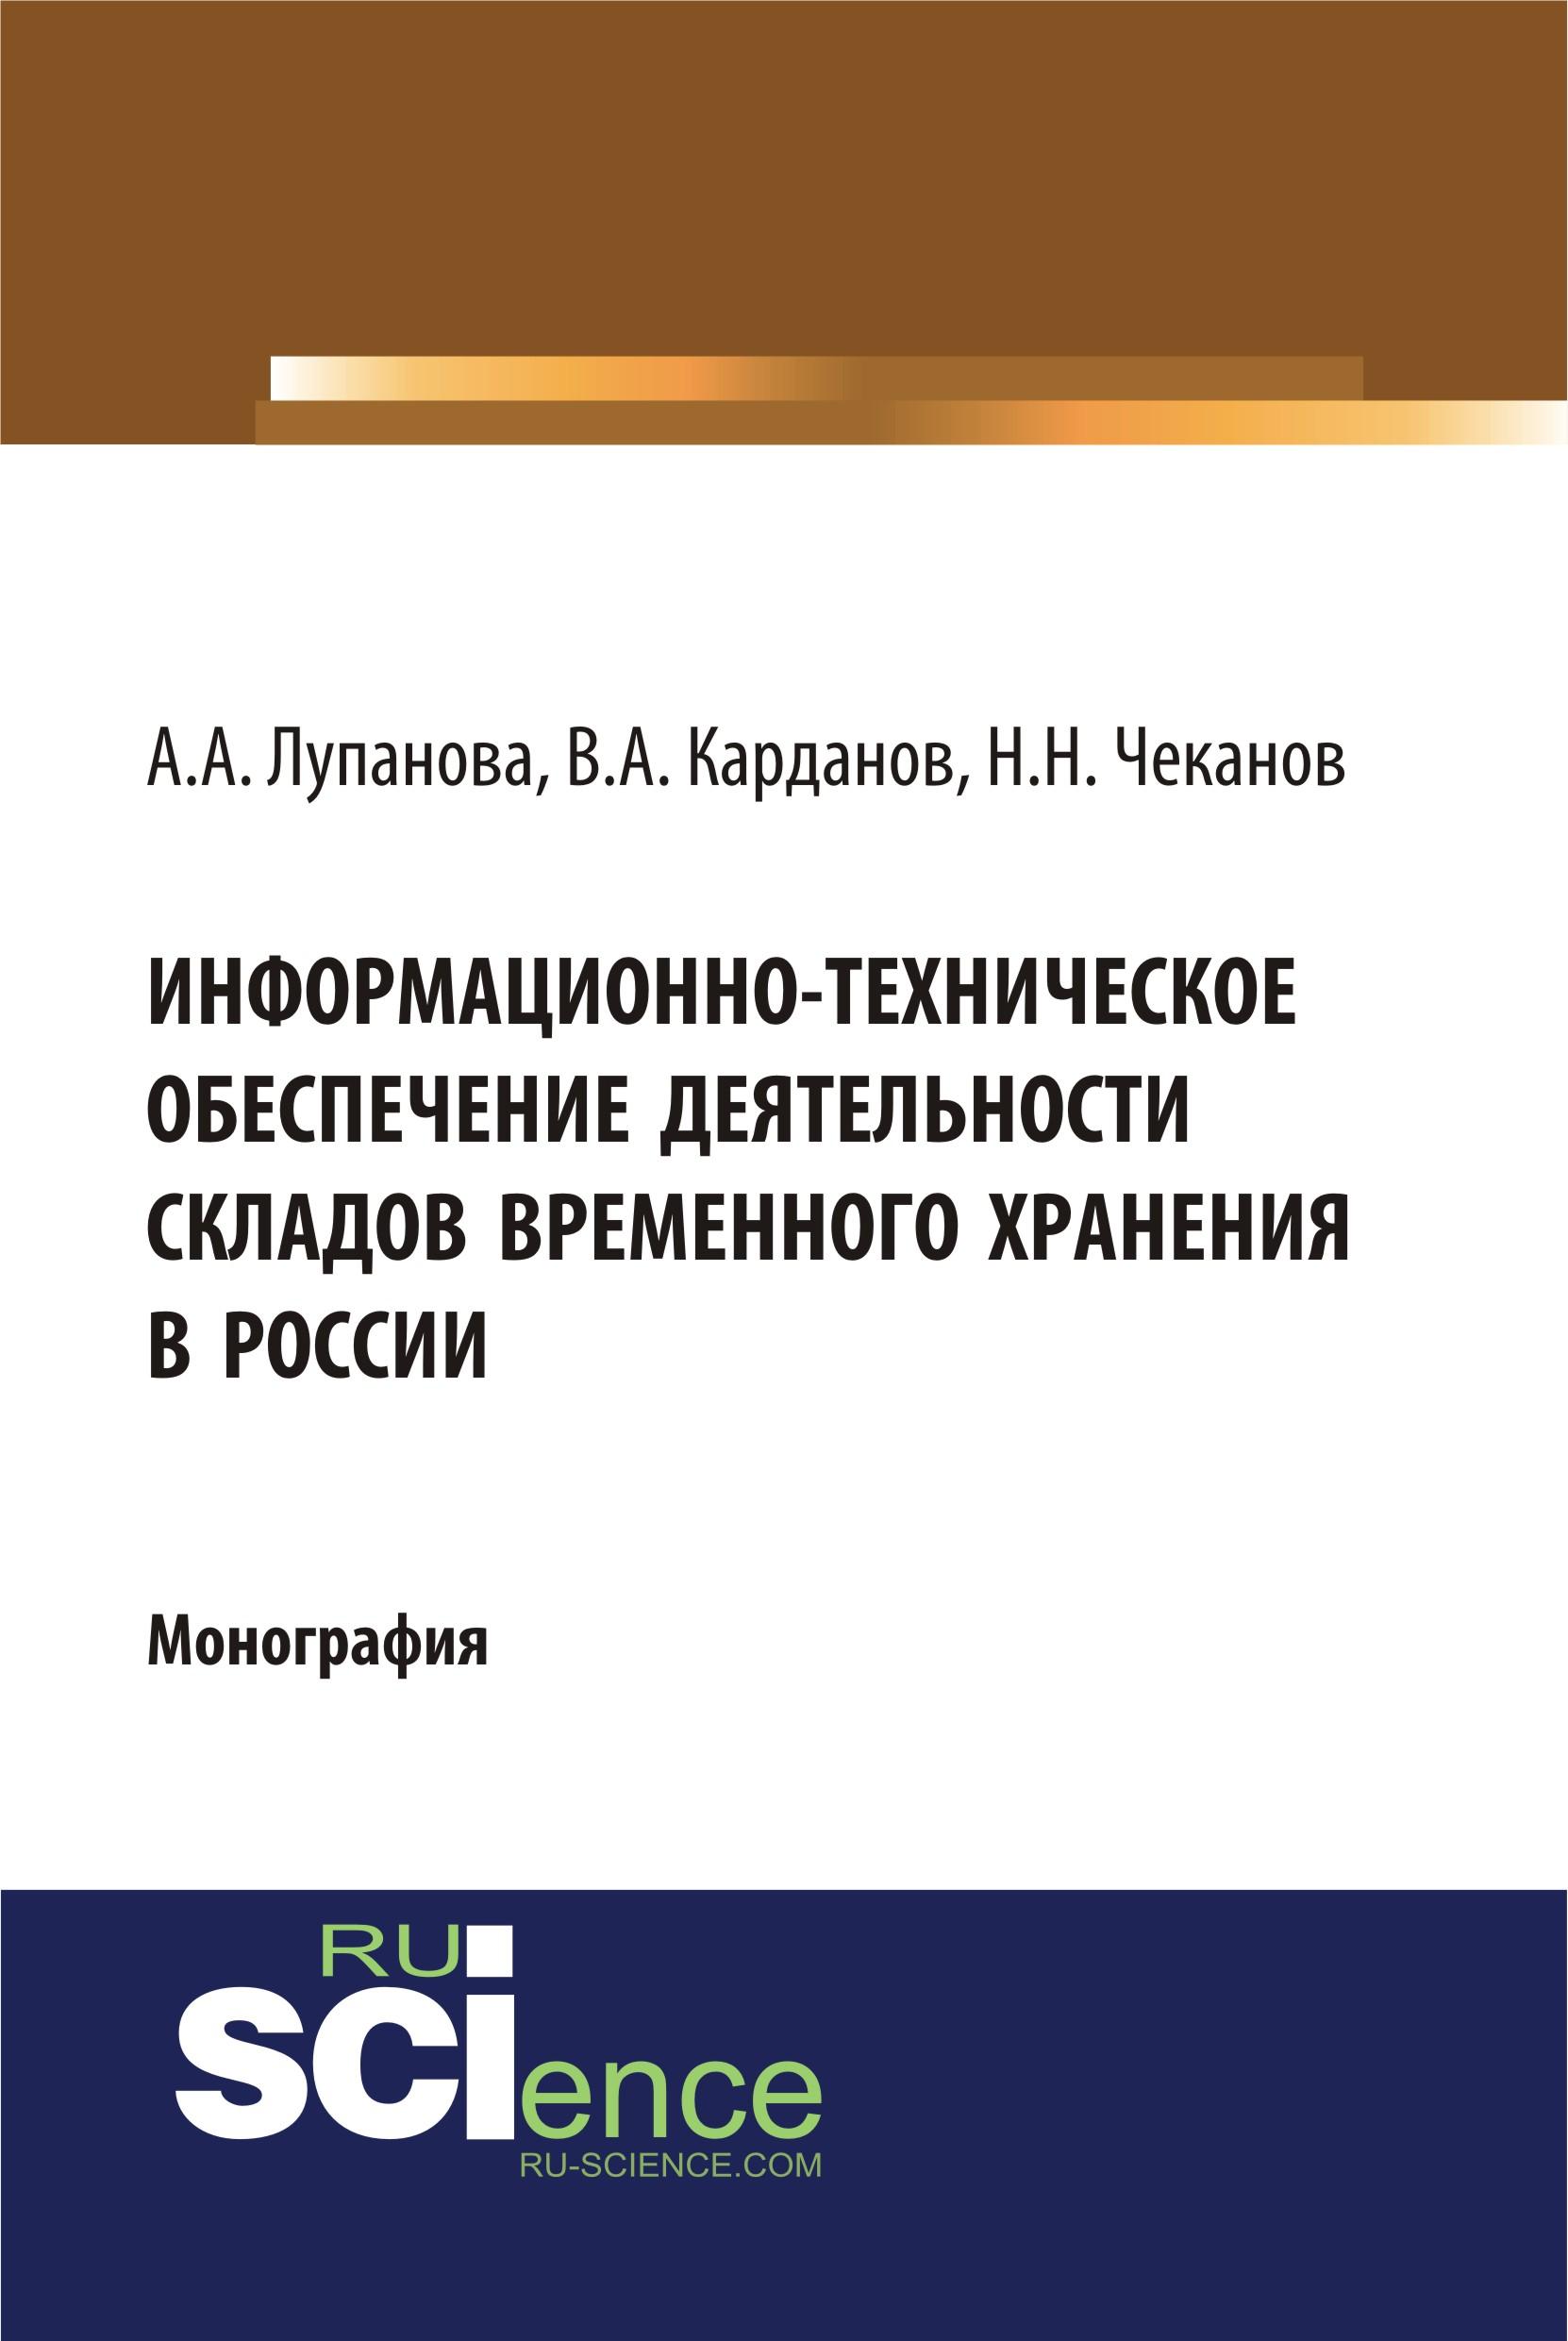 купить В. А. Карданов Информационно-техническое обеспечение деятельности складов временного хранения в России недорого